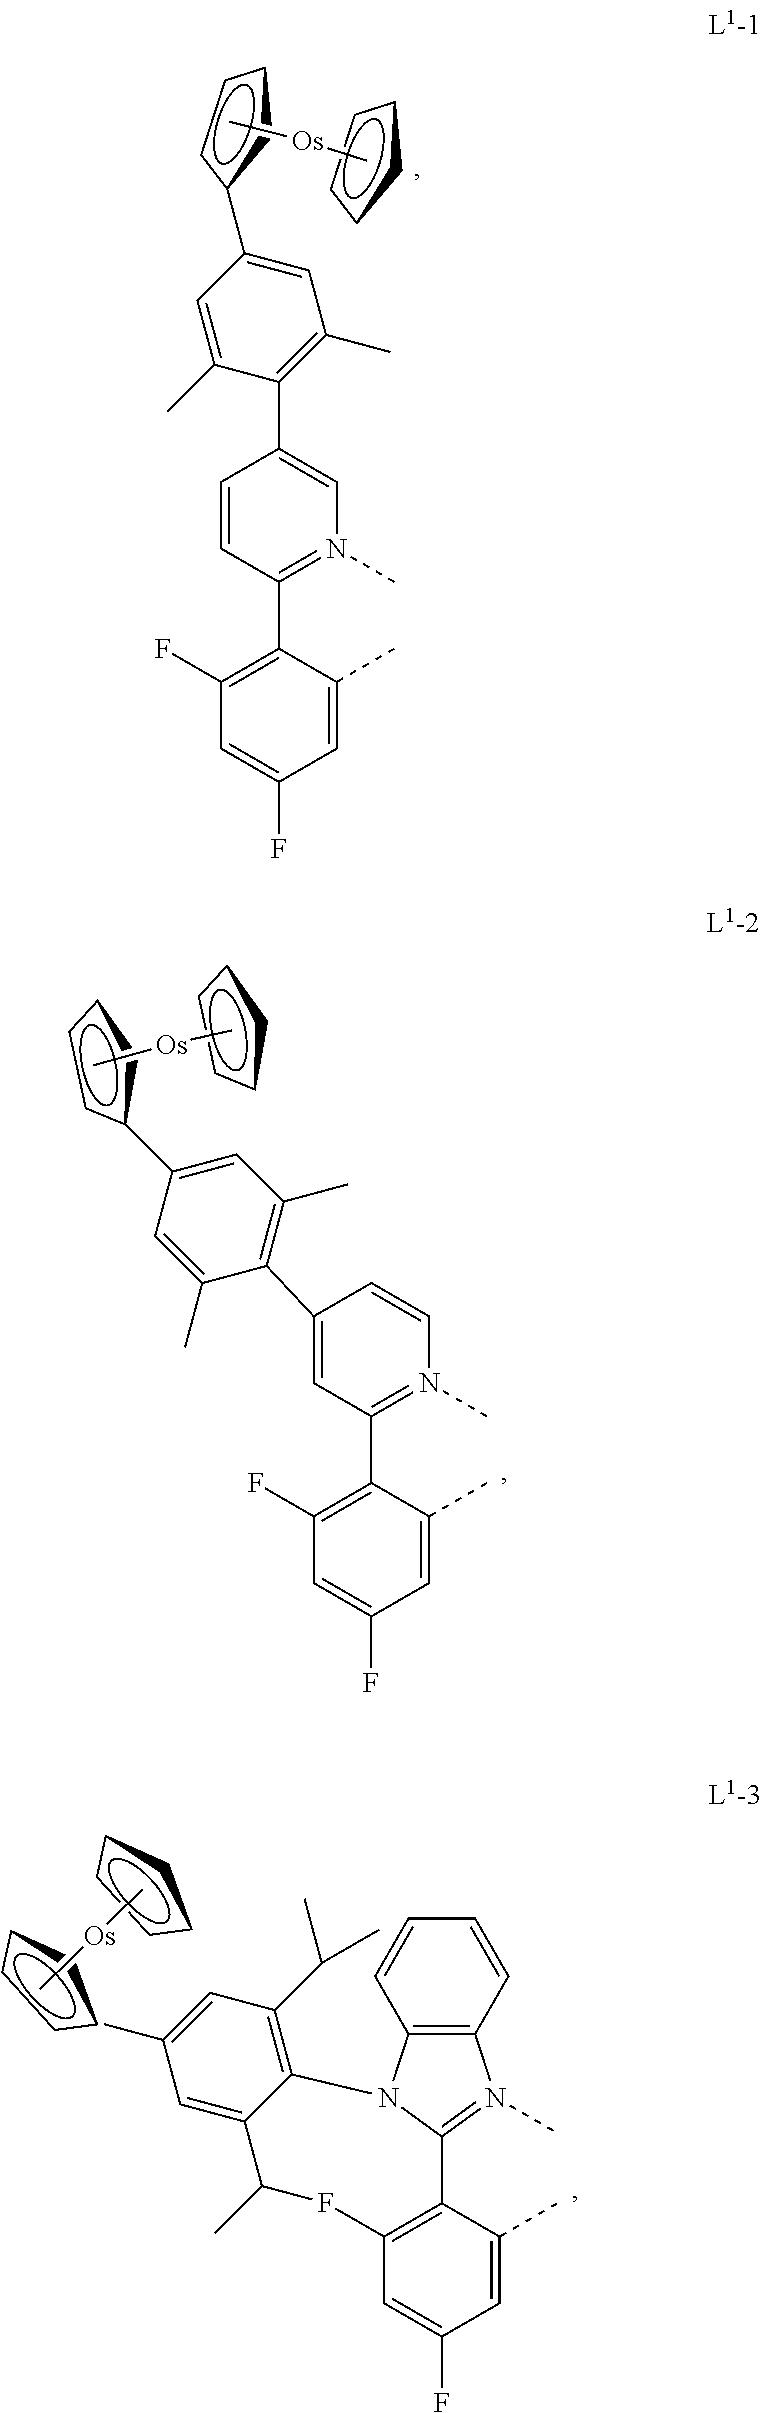 Figure US09450195-20160920-C00011